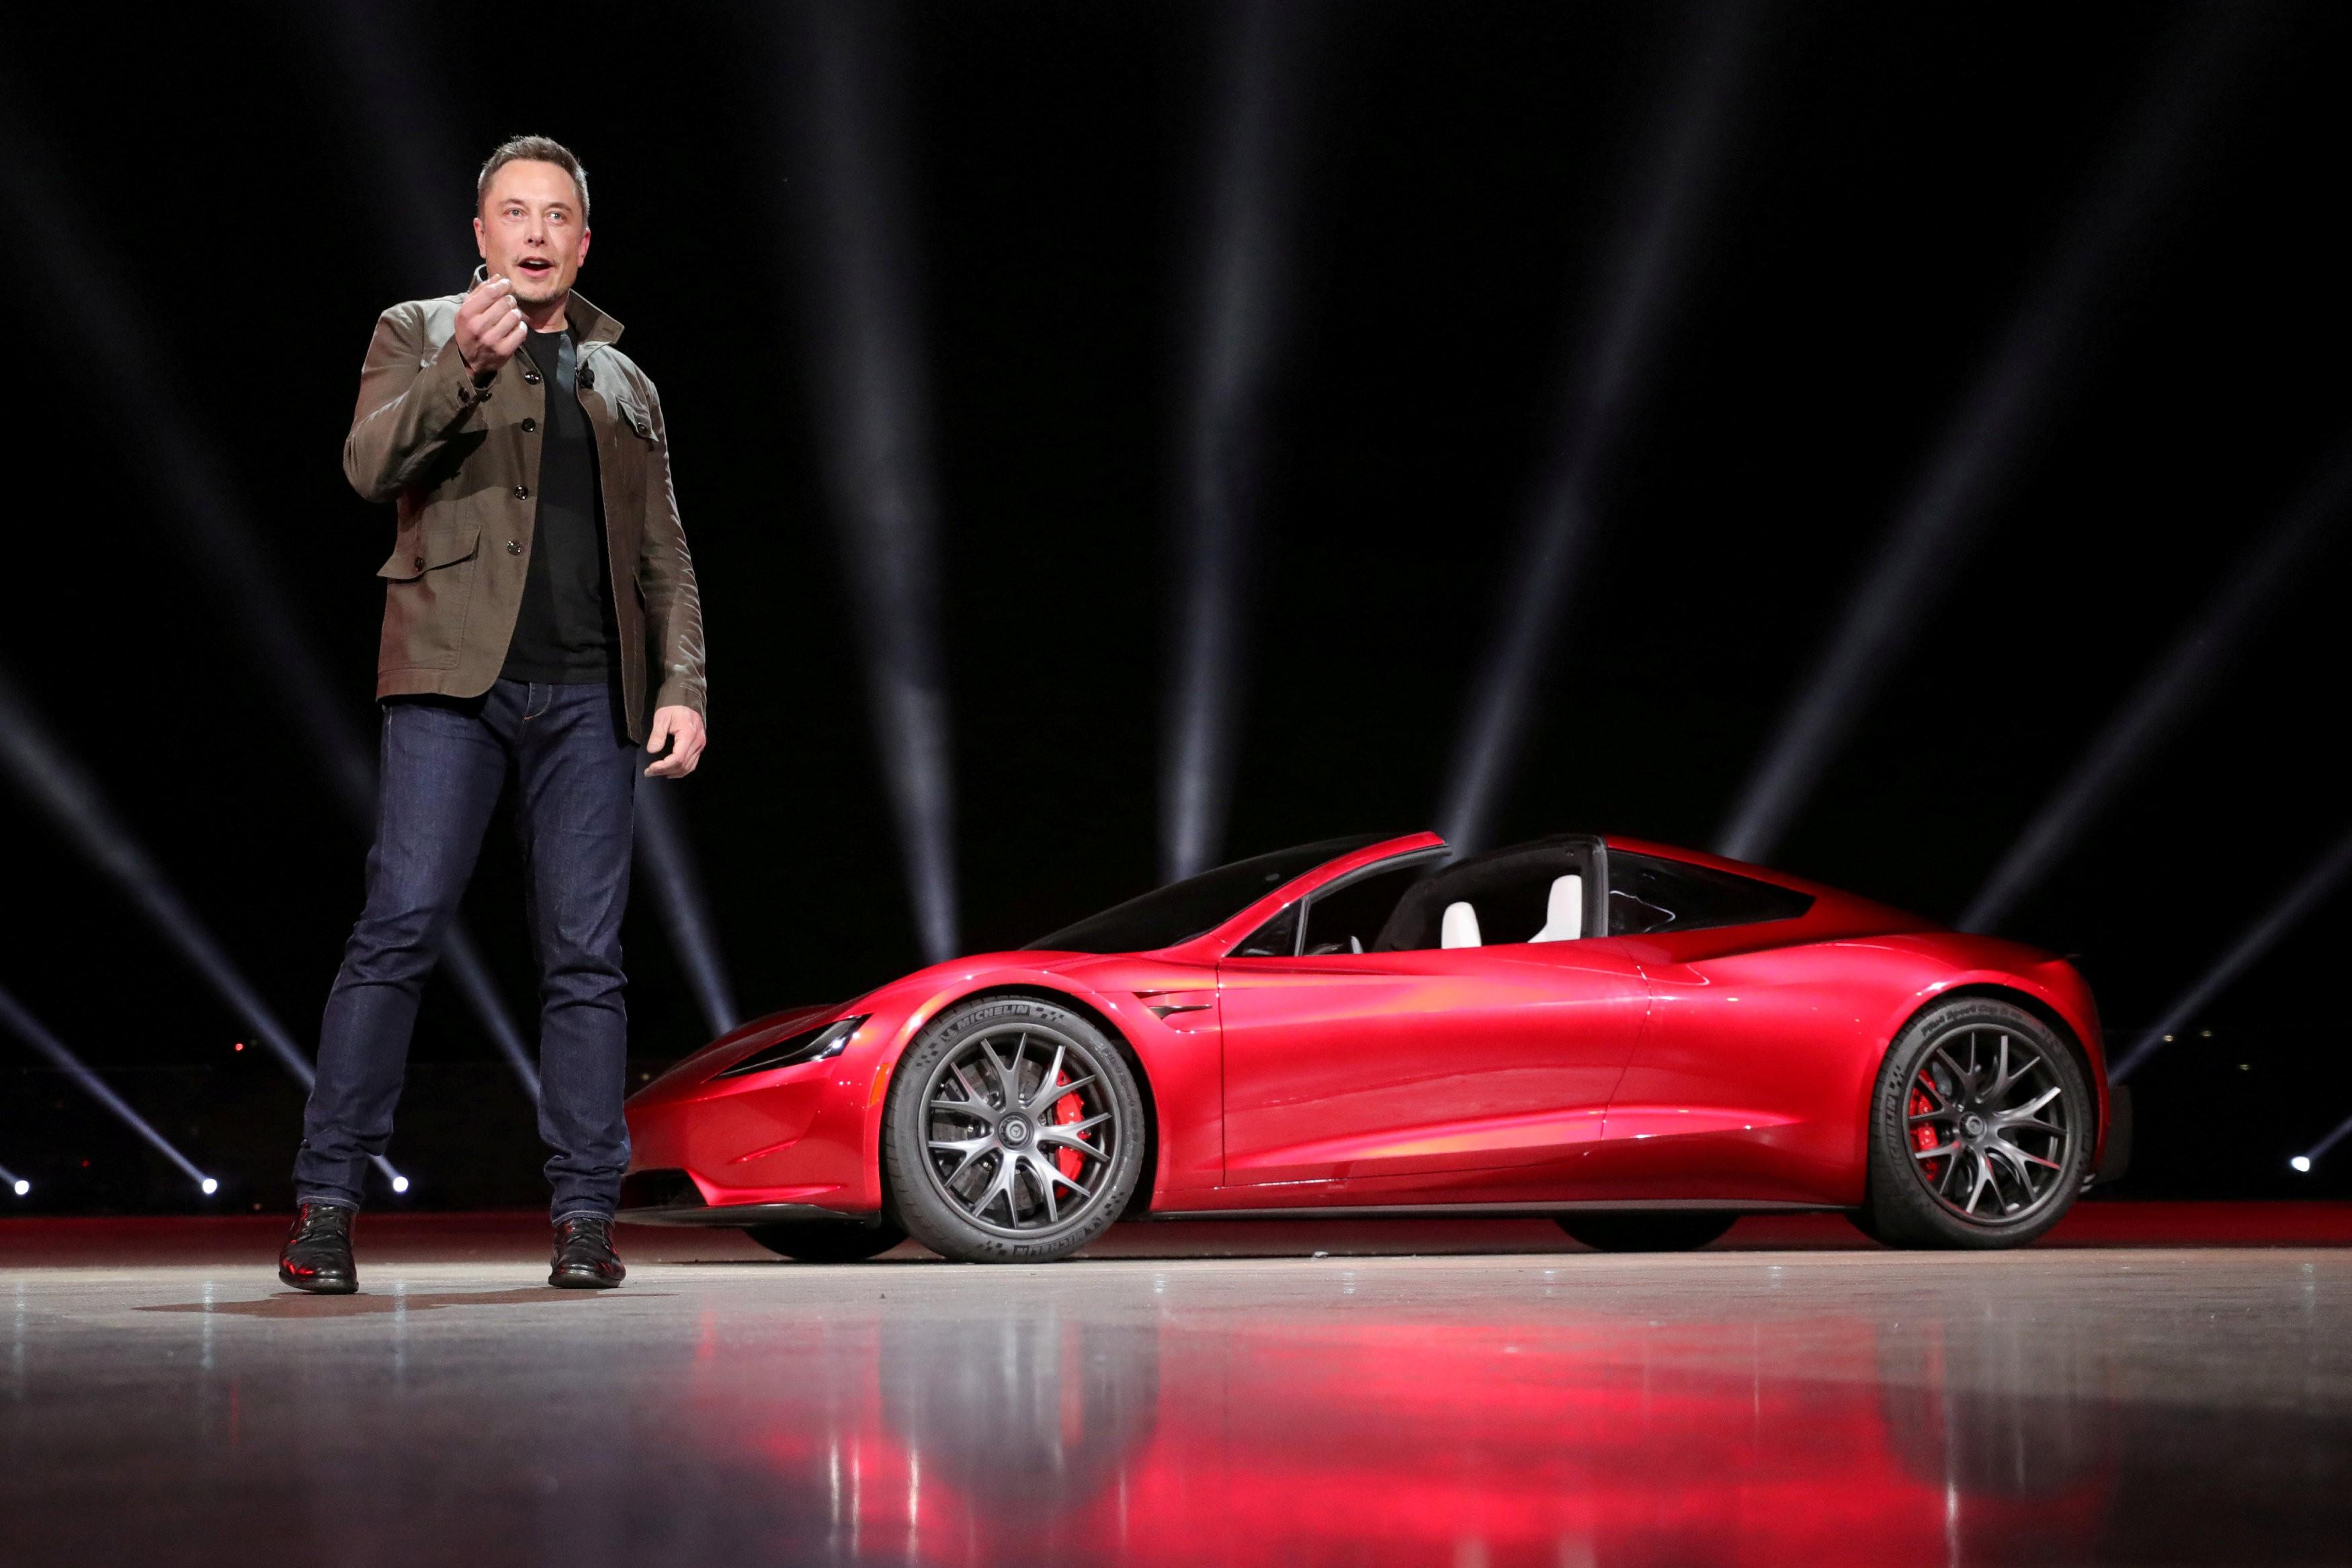 Lucros trimestrais da Tesla alcançam o recorde de US$ 1,1 bilhão